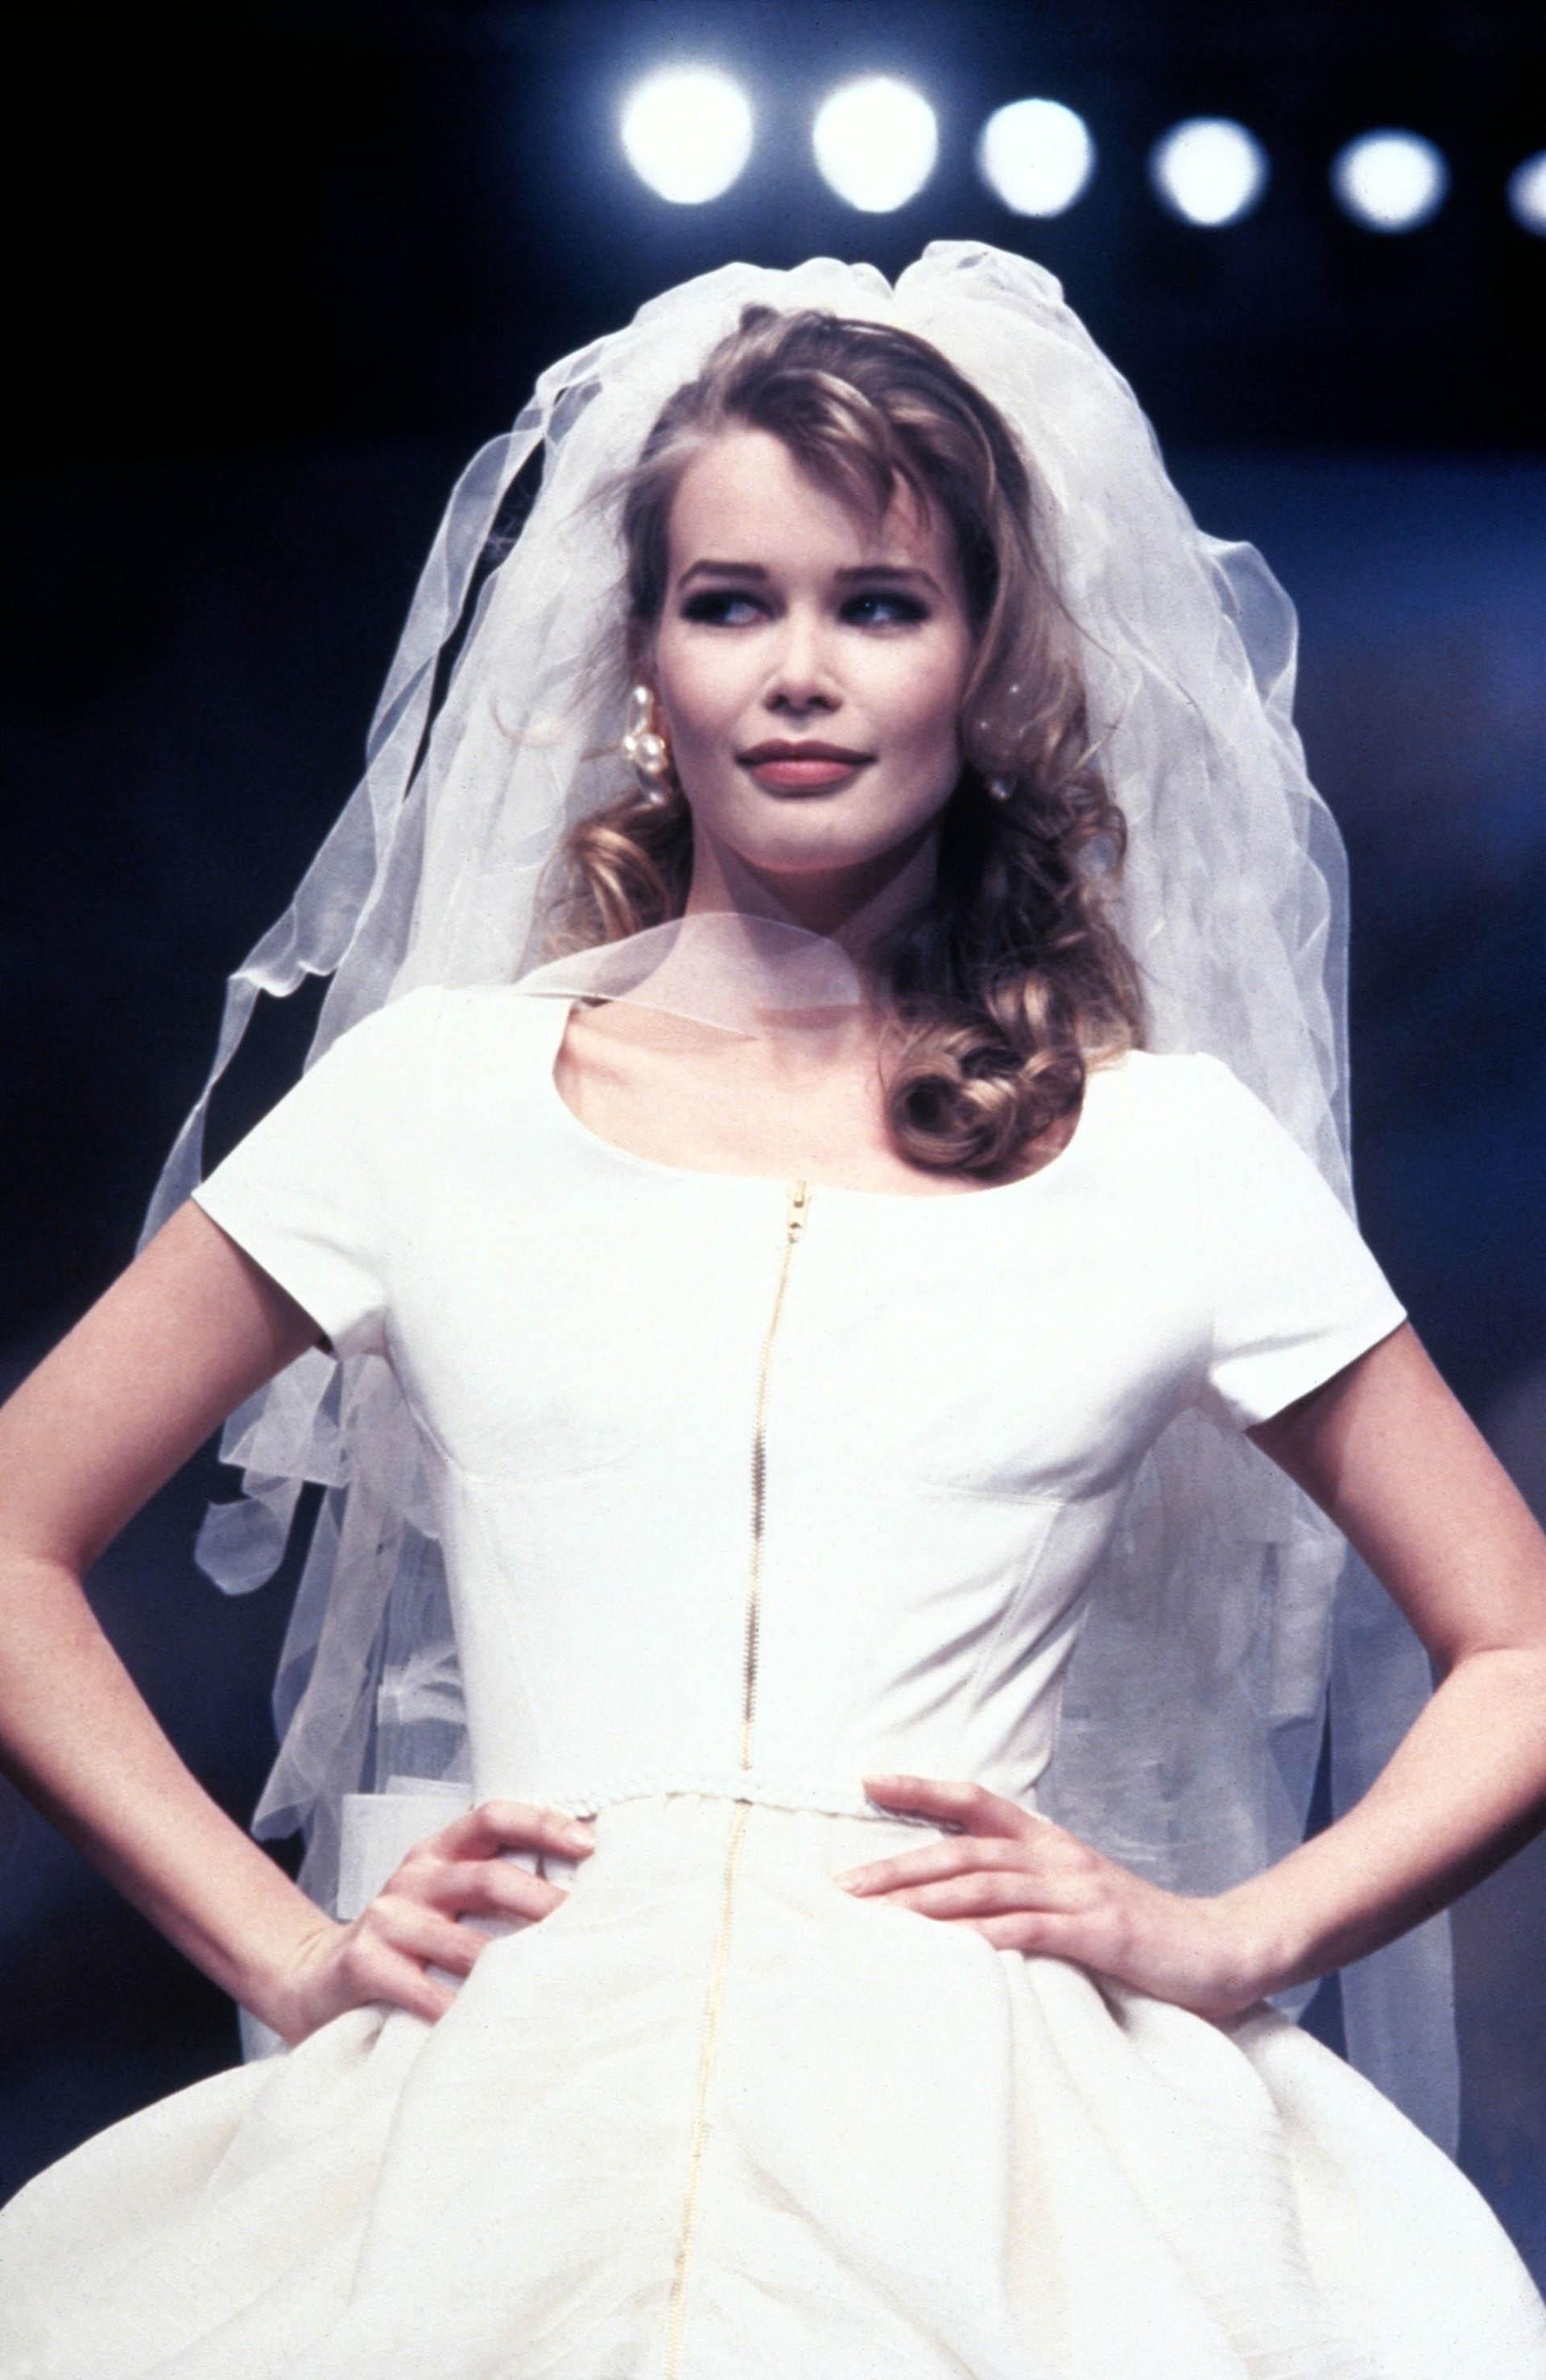 Triunfó en las pasarelas con los diseñadores más destacados y para marcas importantes, entre las que se destacan Versace, Dolce & Gabbana, Ralph Lauren y Valentino